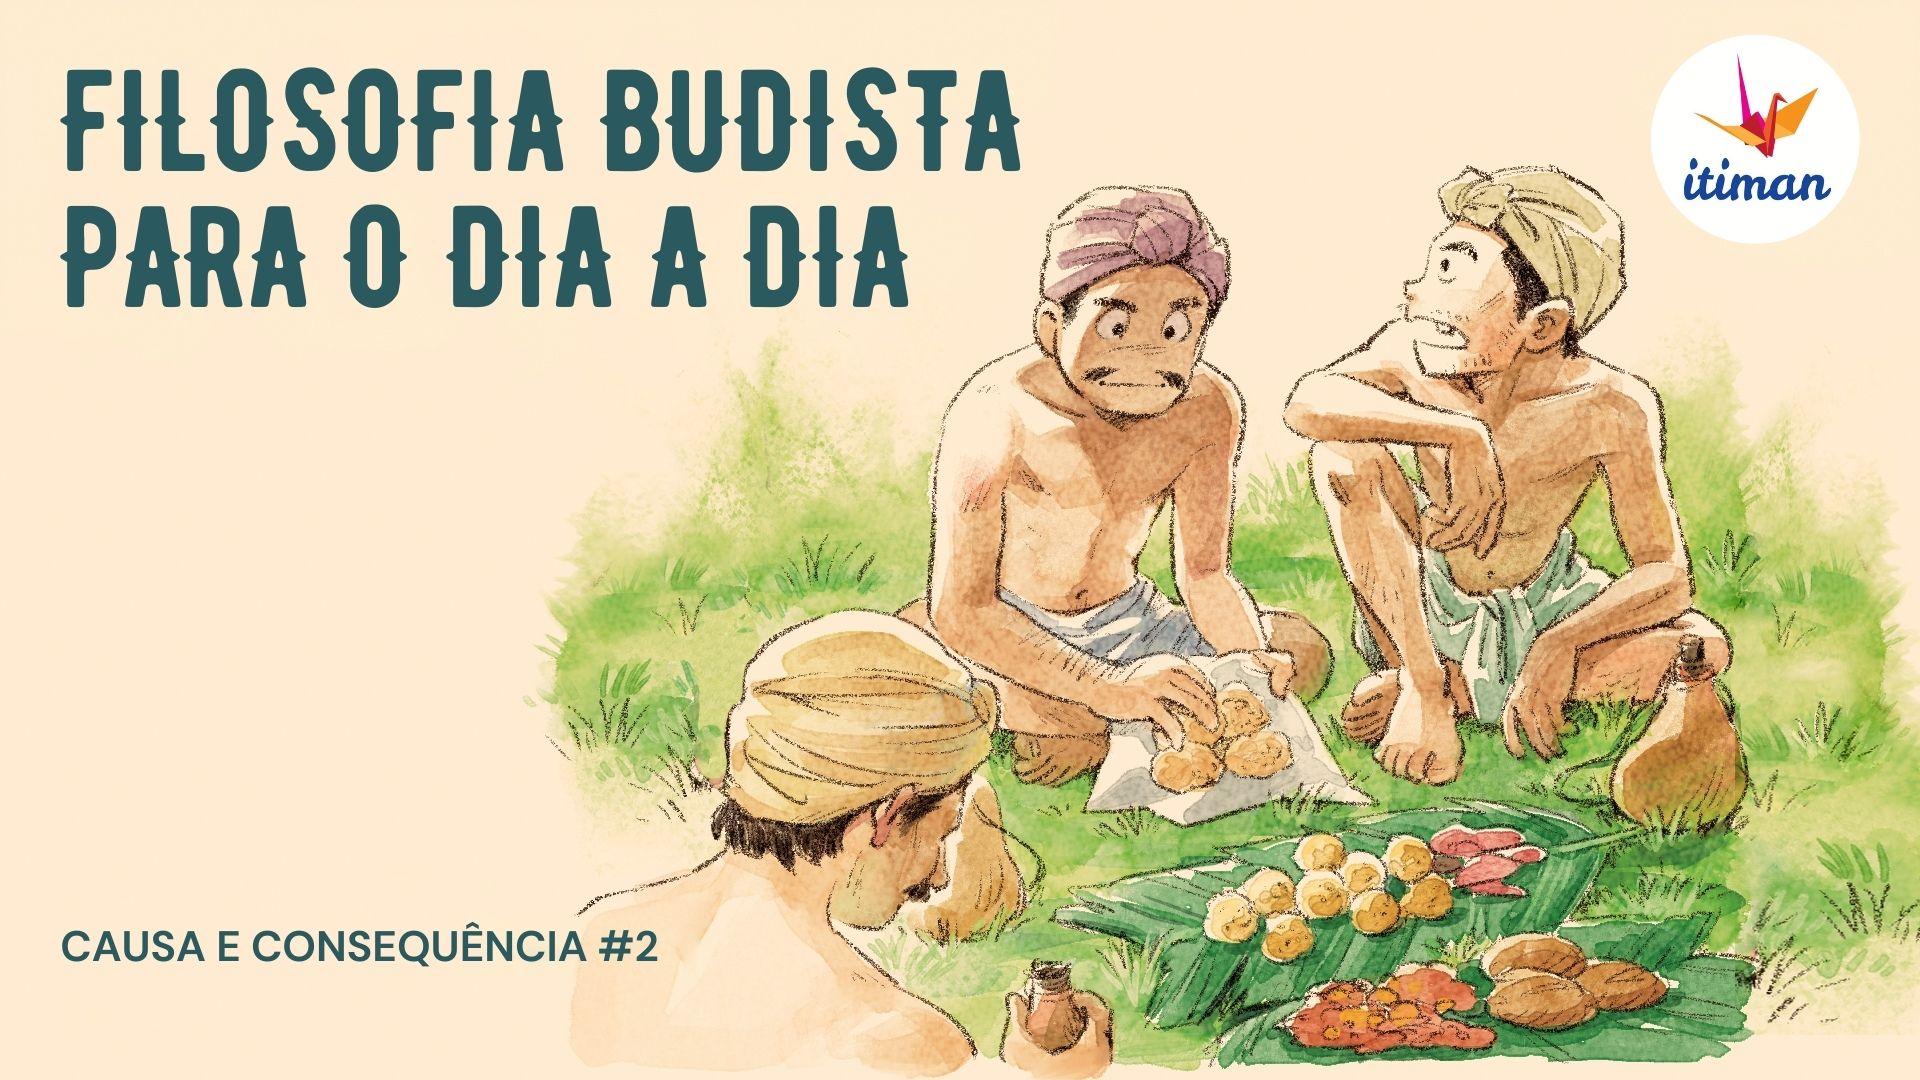 Capa_YouTube_Causa e Consequência#2 – Filosofia budista para o dia a dia